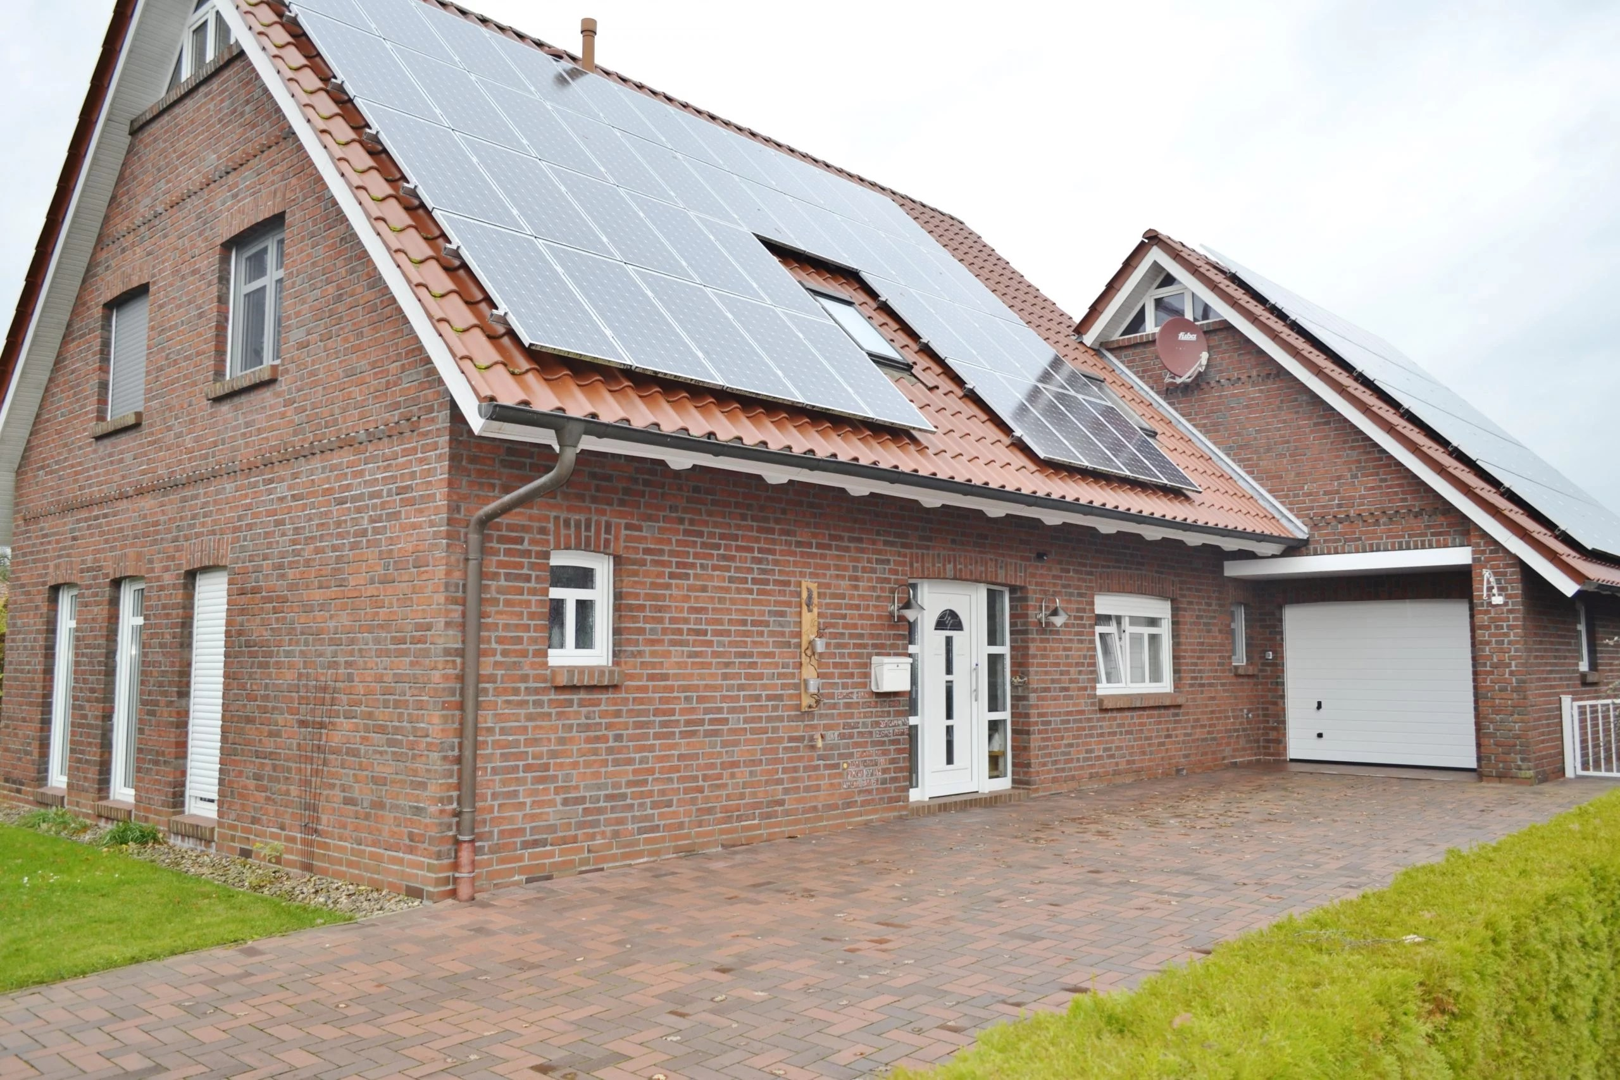 RESERVIERT! Beste Wohnqualität im Erholungsgebiet Barßel für die Familie in Hafennähe  Exposé Nr.: 113/20